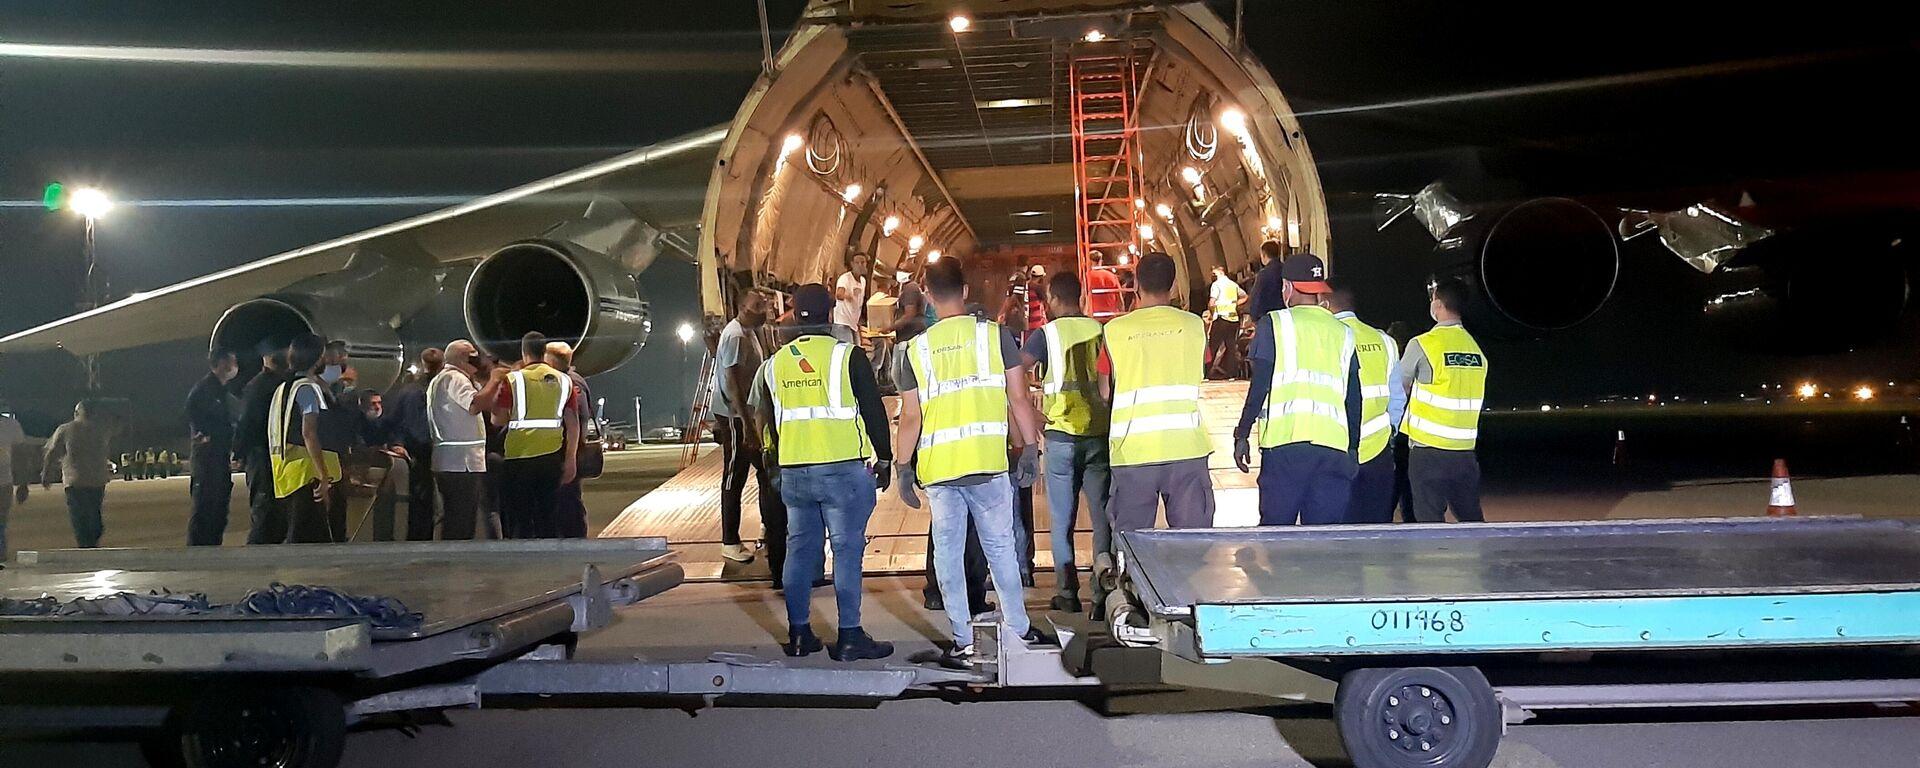 Aviones rusos An-124 Ruslan arriban a Cuba con cargamento de ayuda humanitaria - Sputnik Mundo, 1920, 30.07.2021